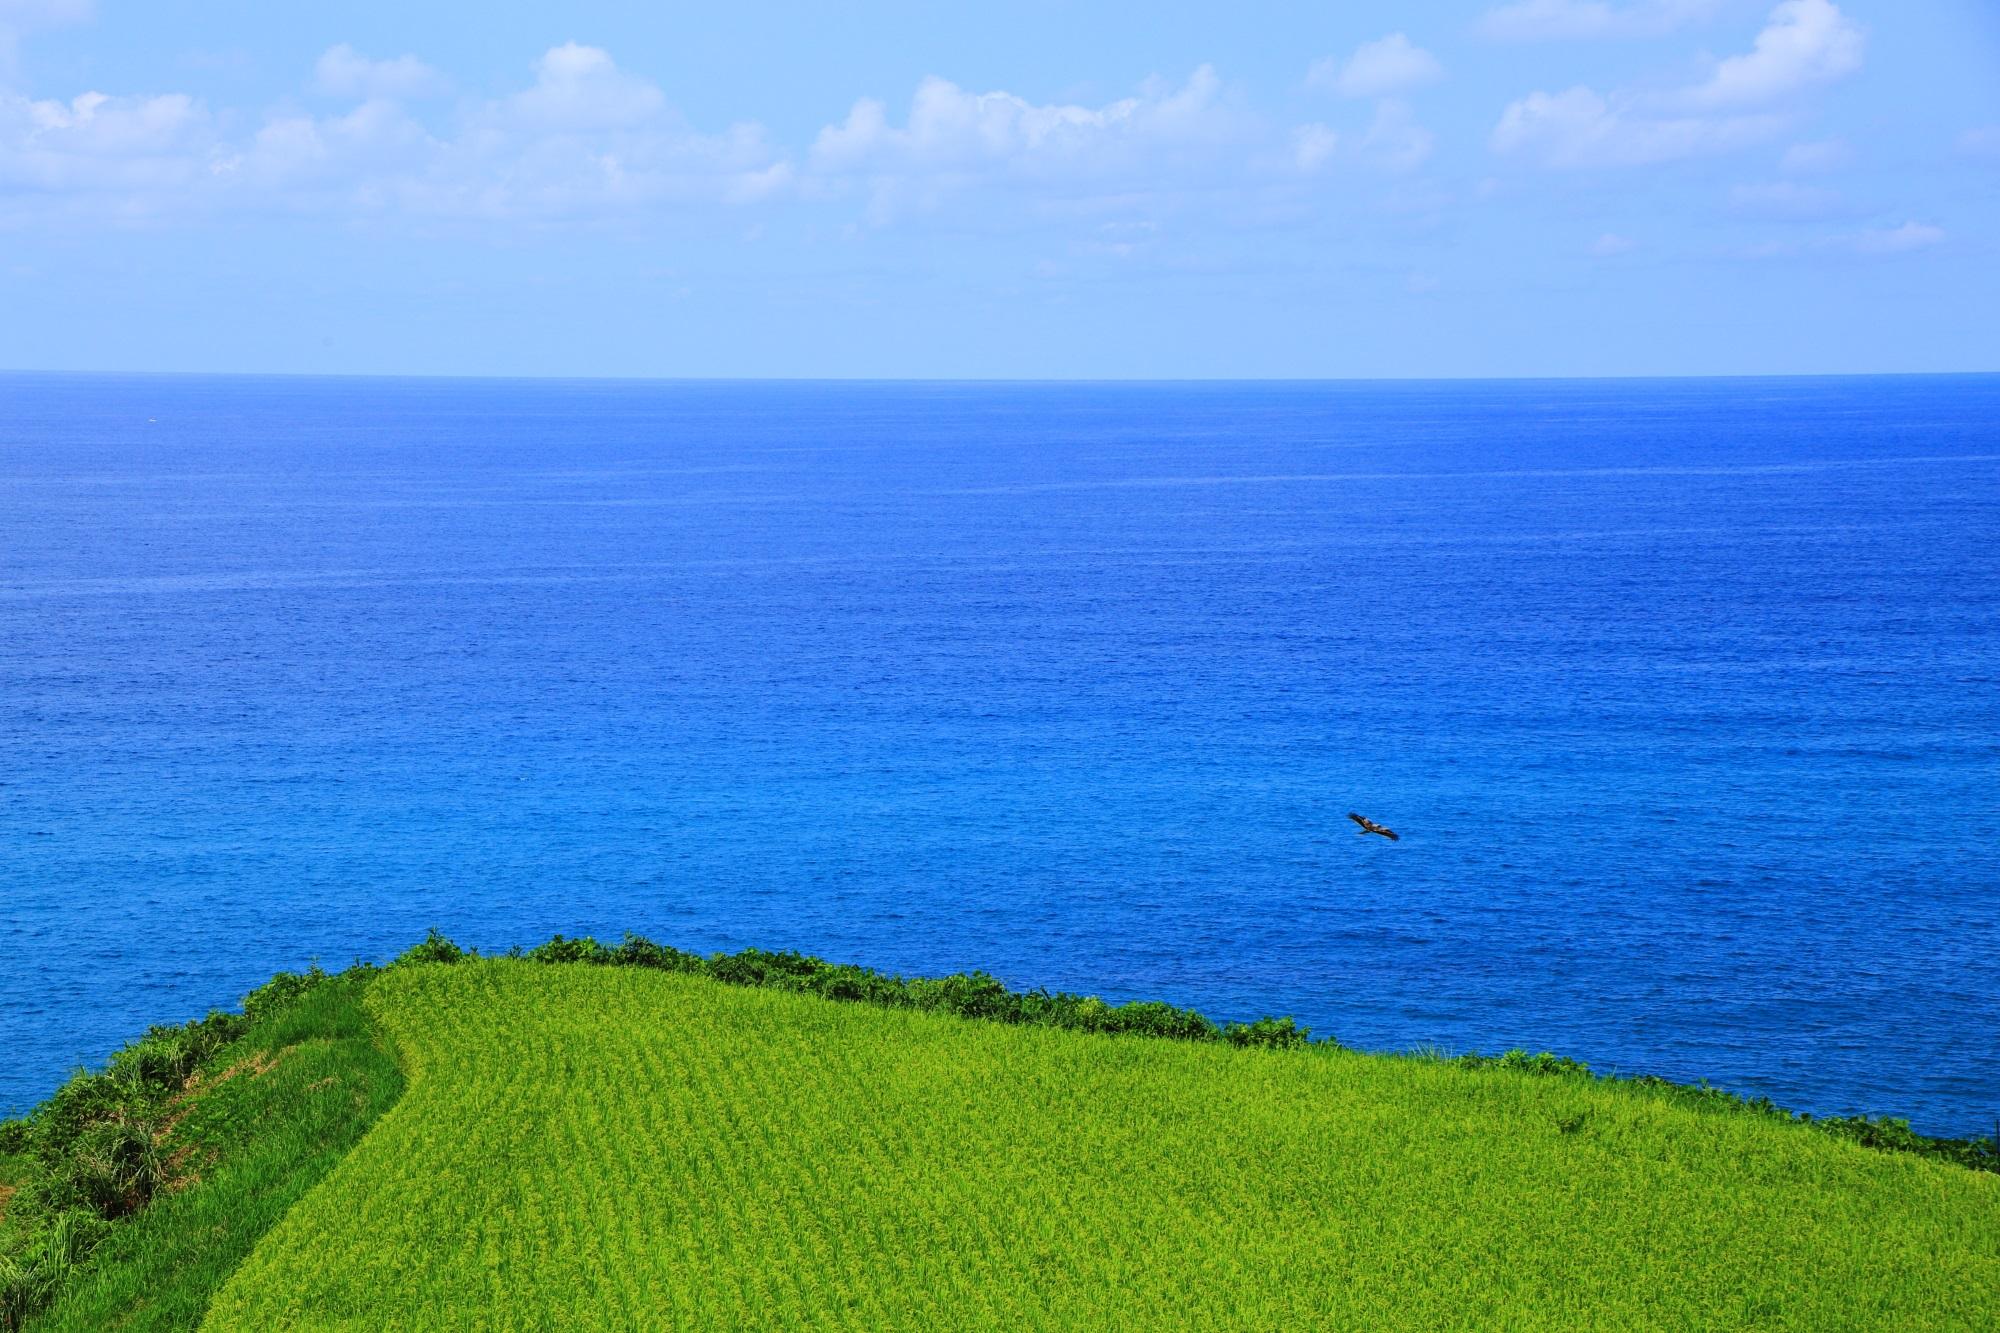 青い海と緑の田んぼの京丹後の絶品の海辺の景色